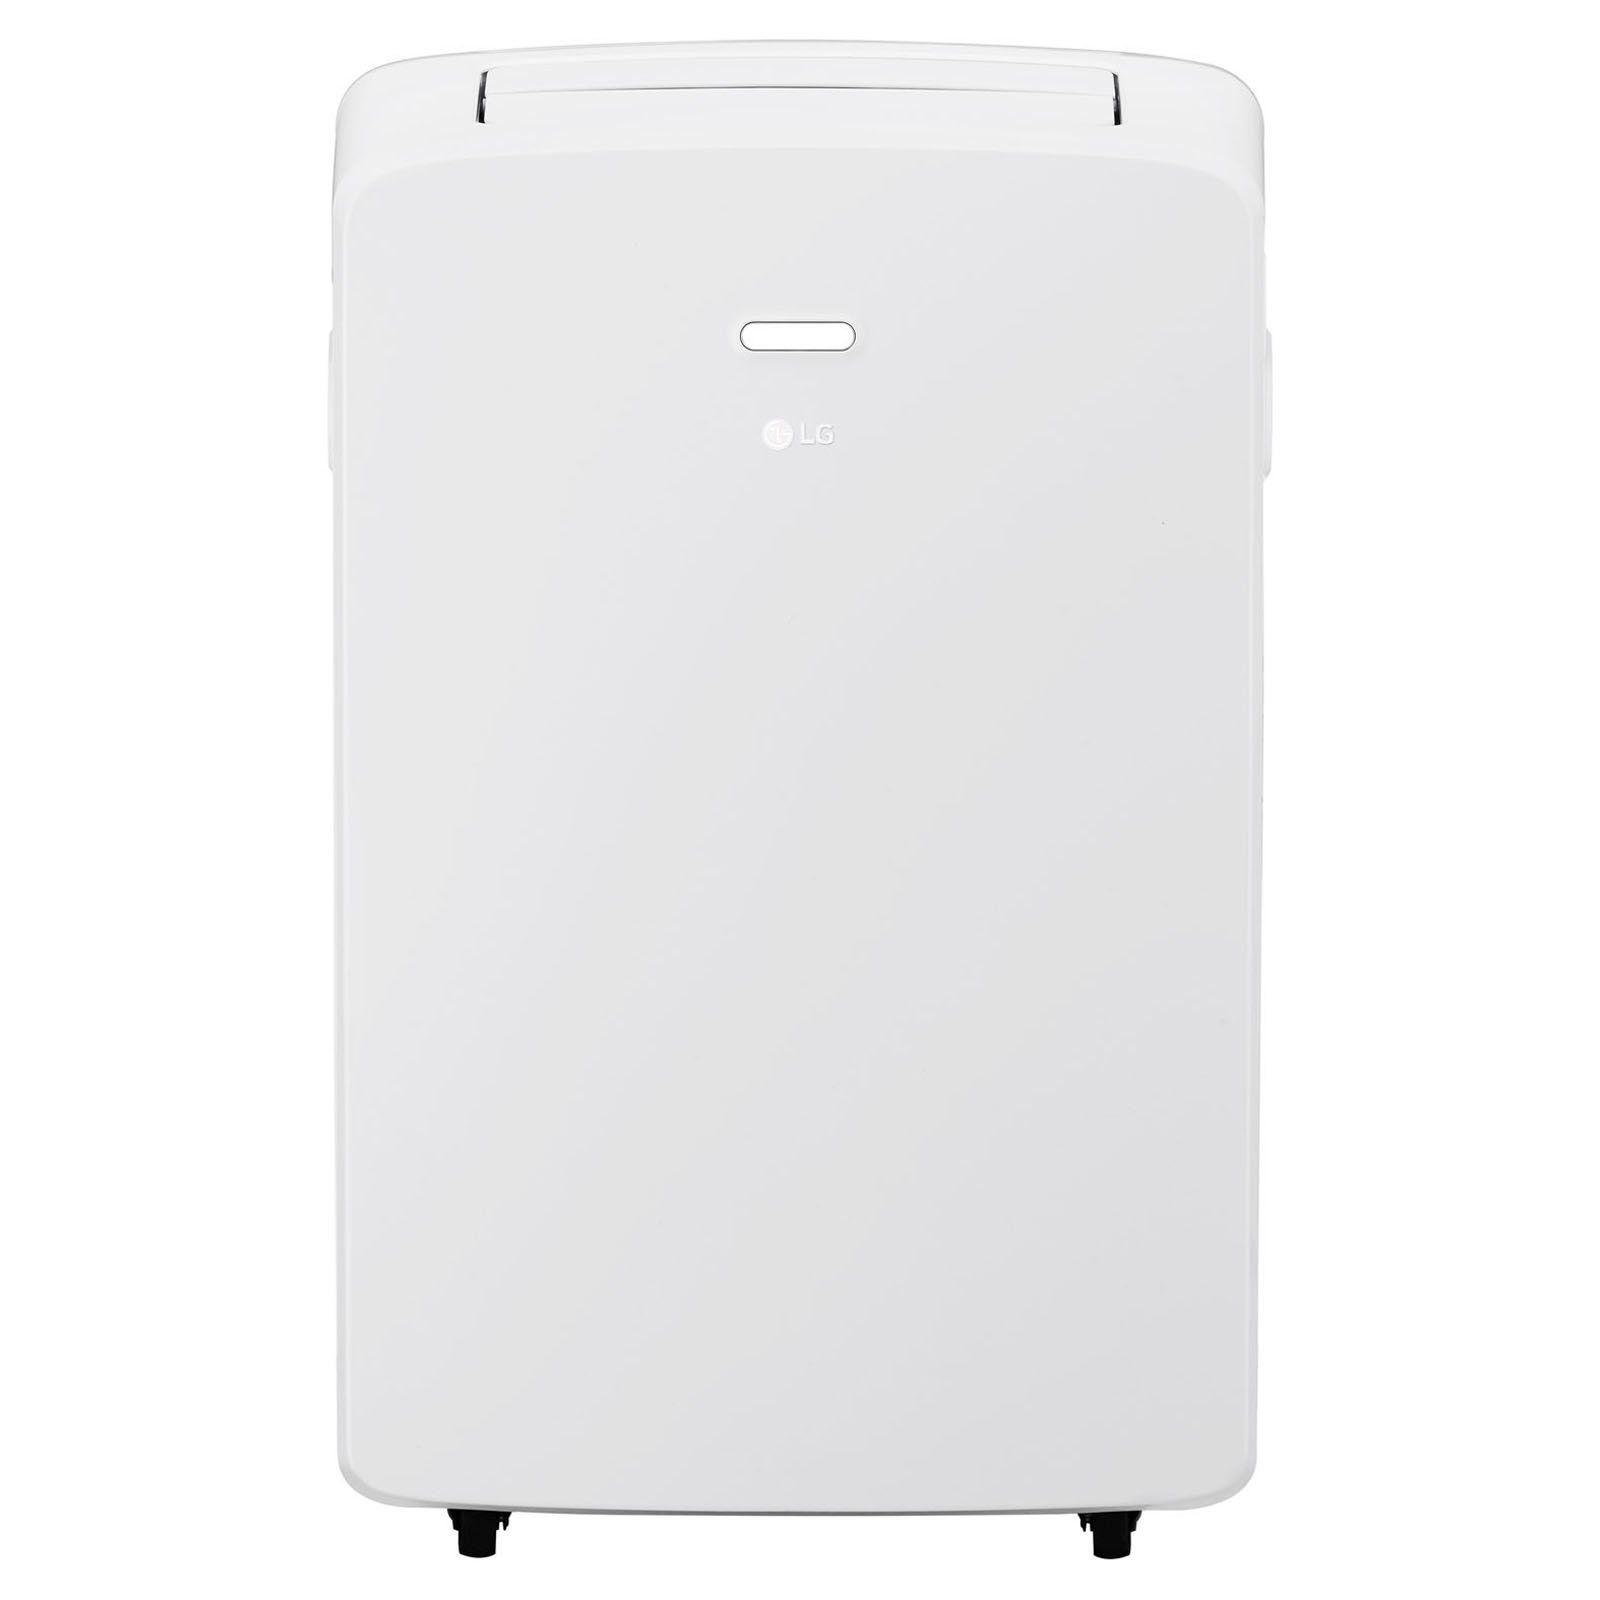 lg 10200 btu 115v portable air conditioner with remote control